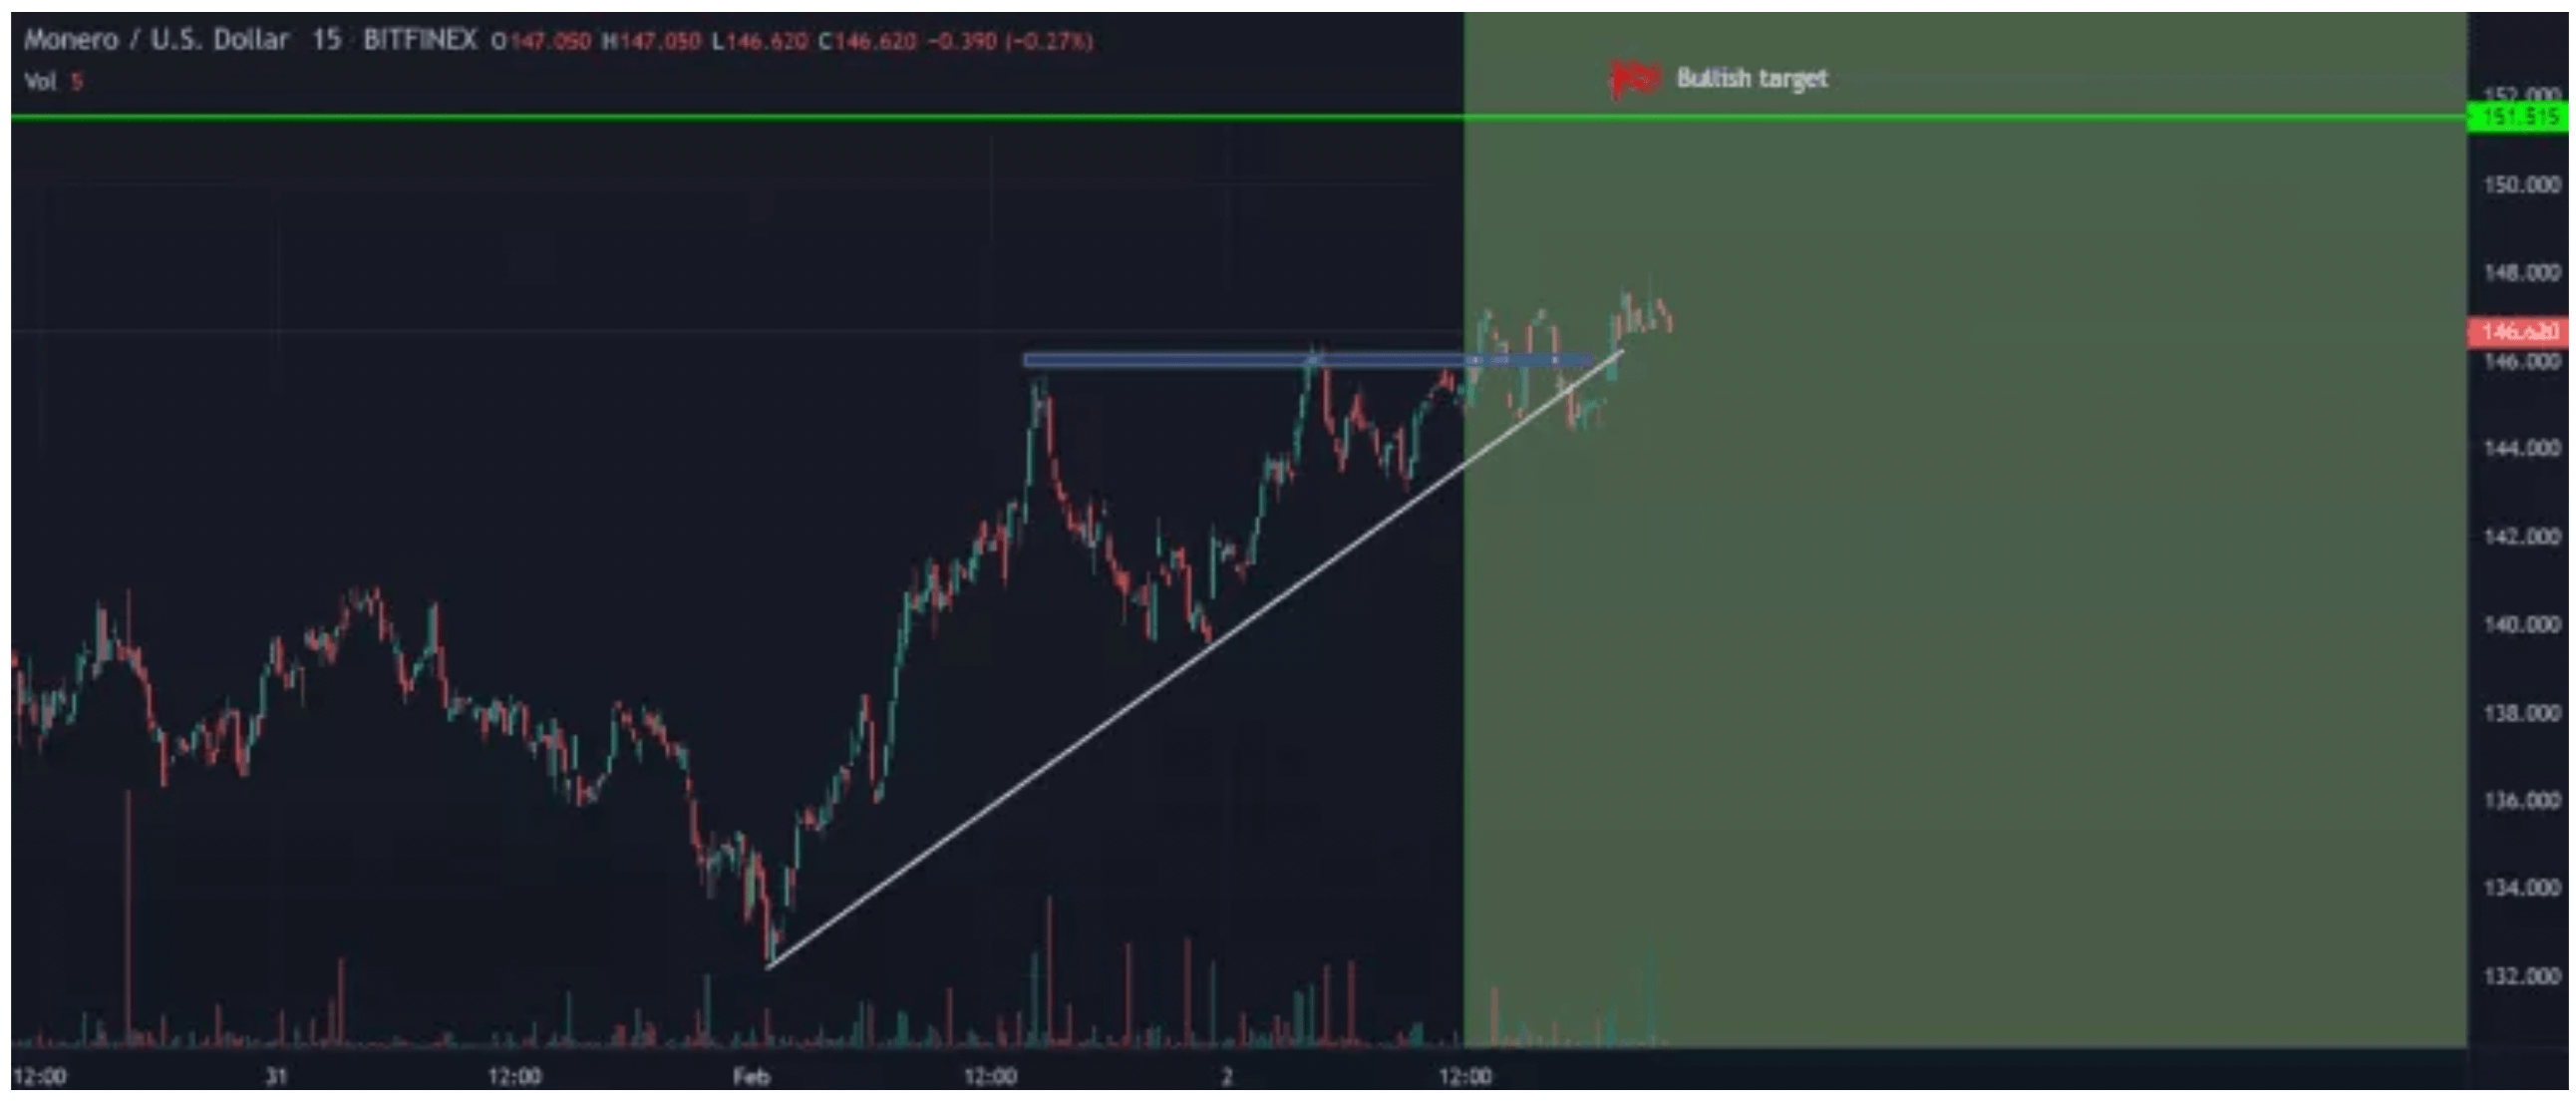 Monero fiyat analizi: XMR için analistler ne söylüyor? Sıradaki yön ve beklenen seviyeler 7